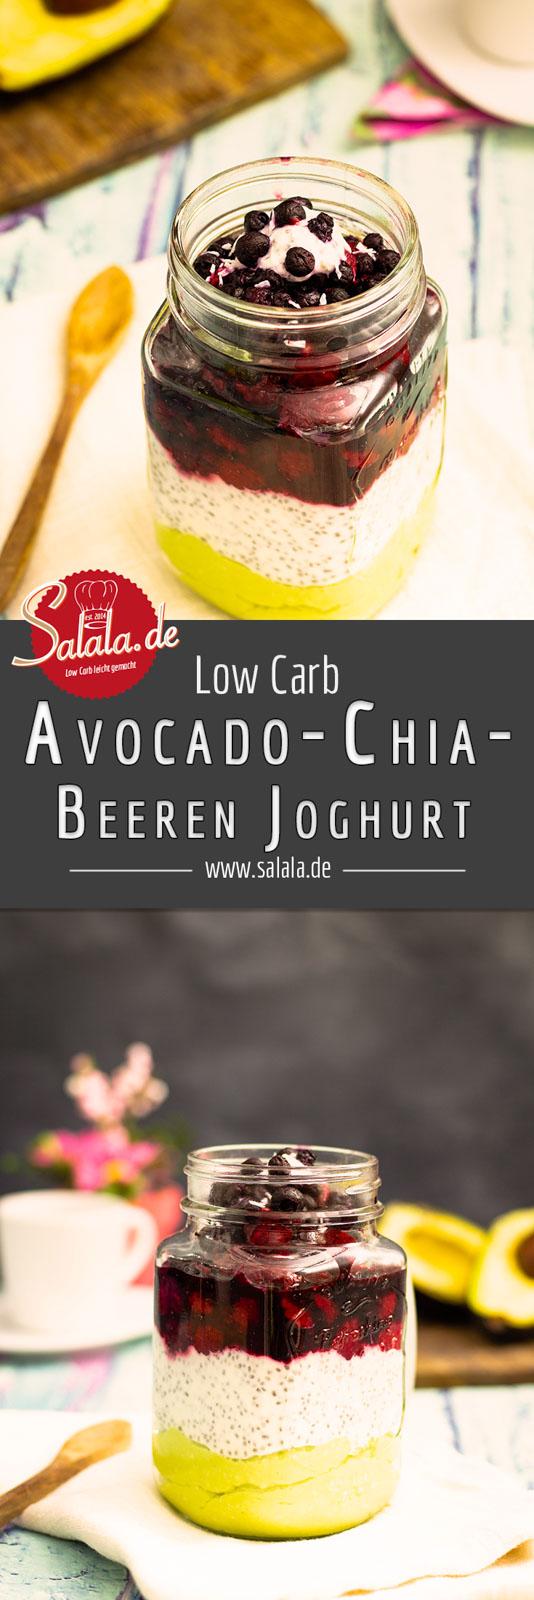 Avocado-Chia-Beeren-Joghurt zum Frühstück I by salala.de I Low Carb Rezept mit Kokos